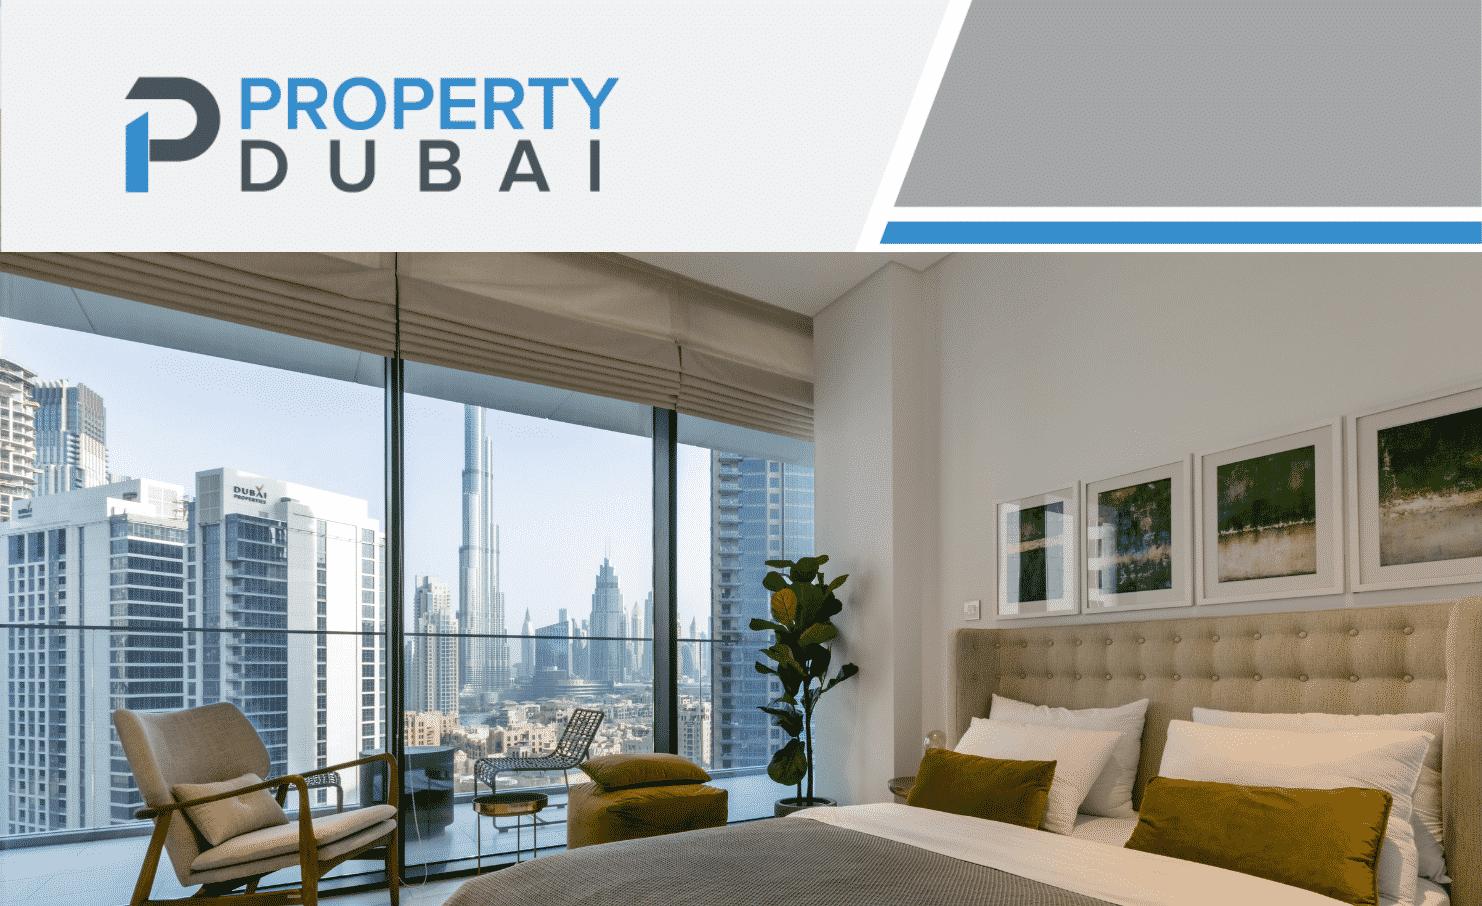 Wohnung in Dubai Marquise Square - Renditeimmobilie ohne Verwaltungaufwand